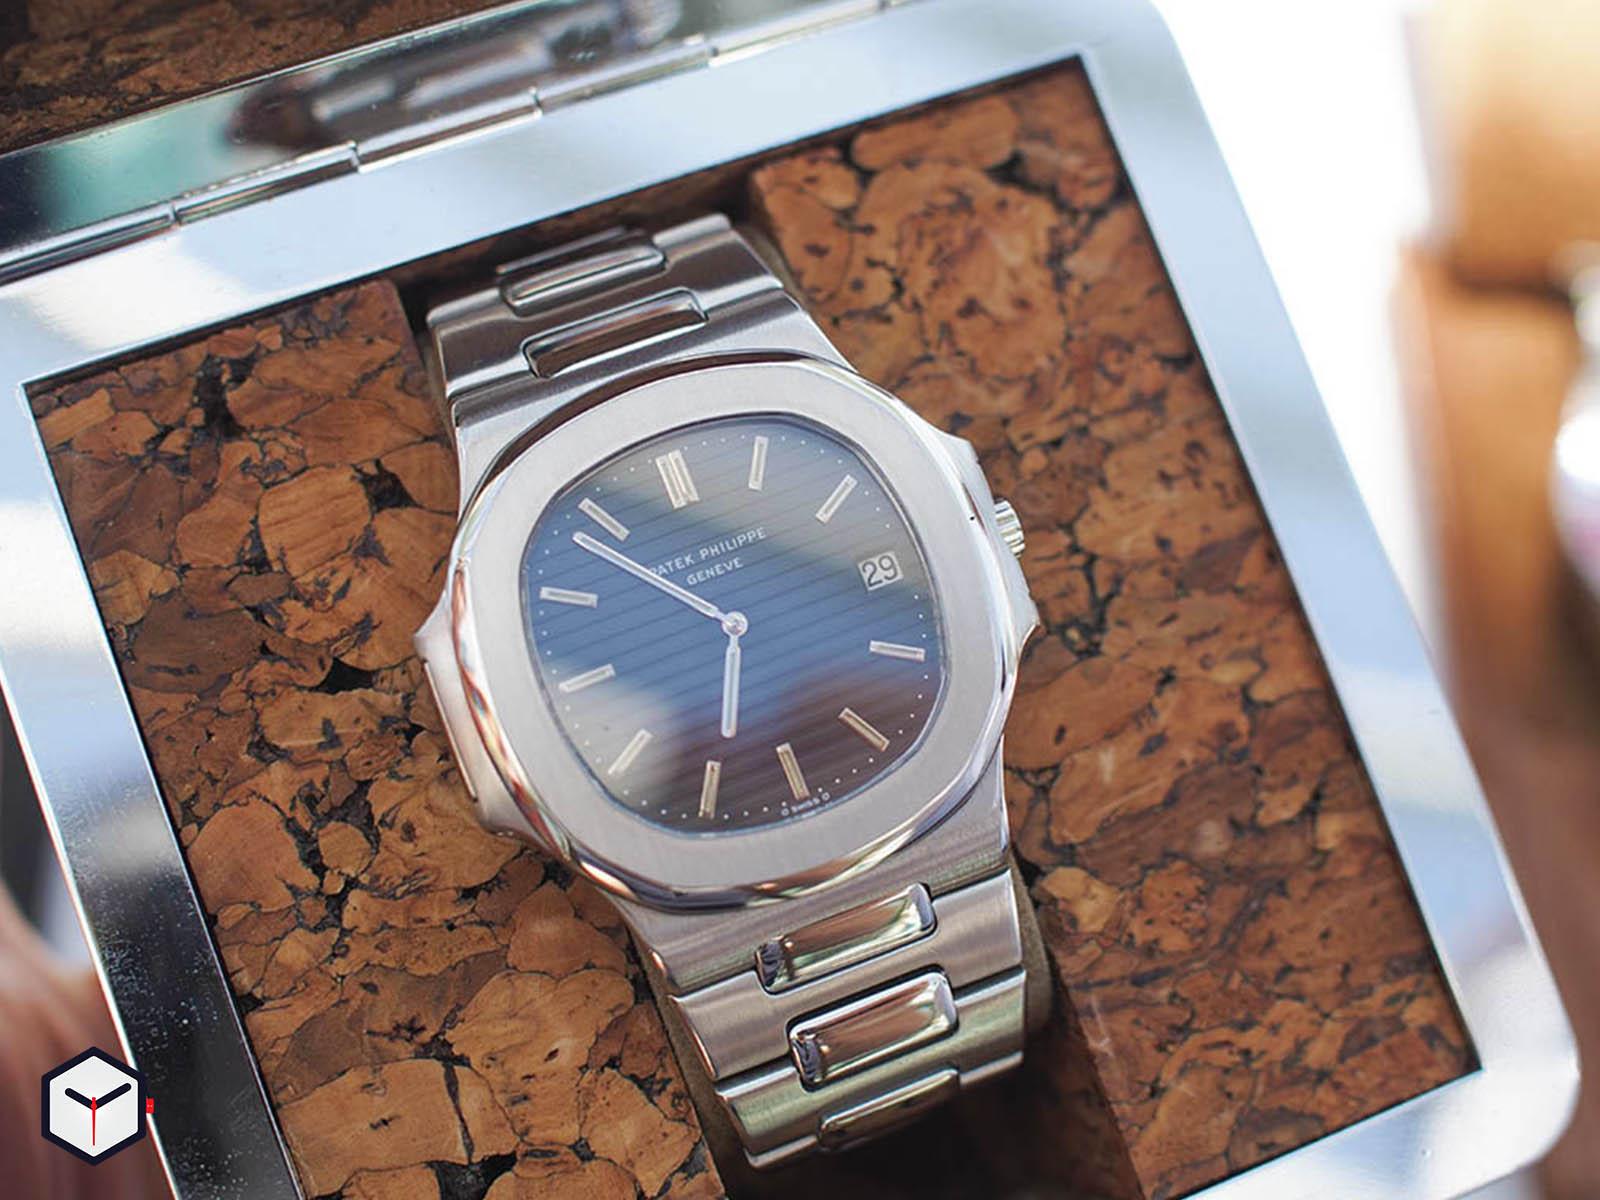 popular-watches-5.jpg